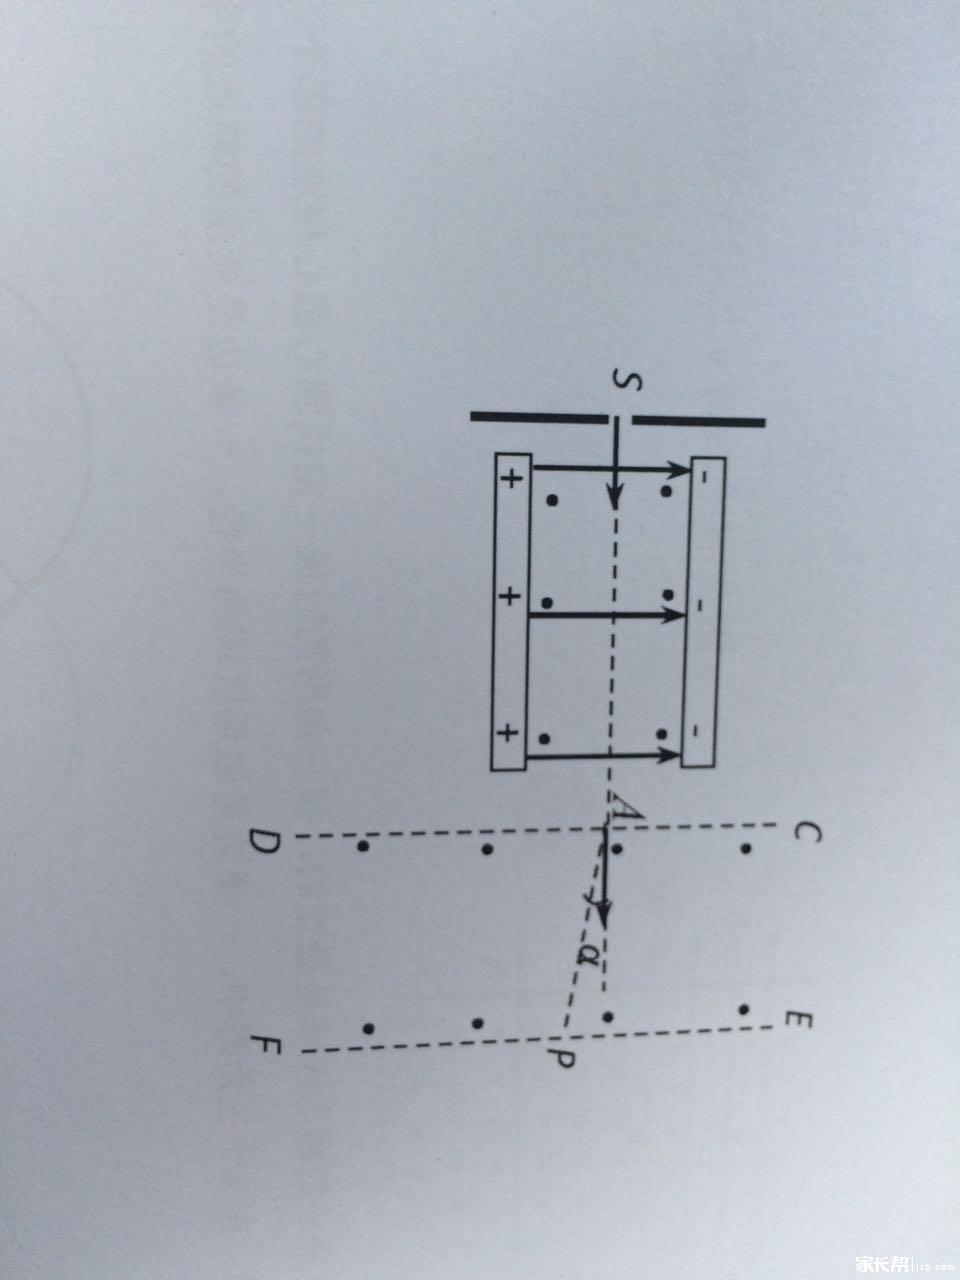 天津高考物理知识点和考点总结